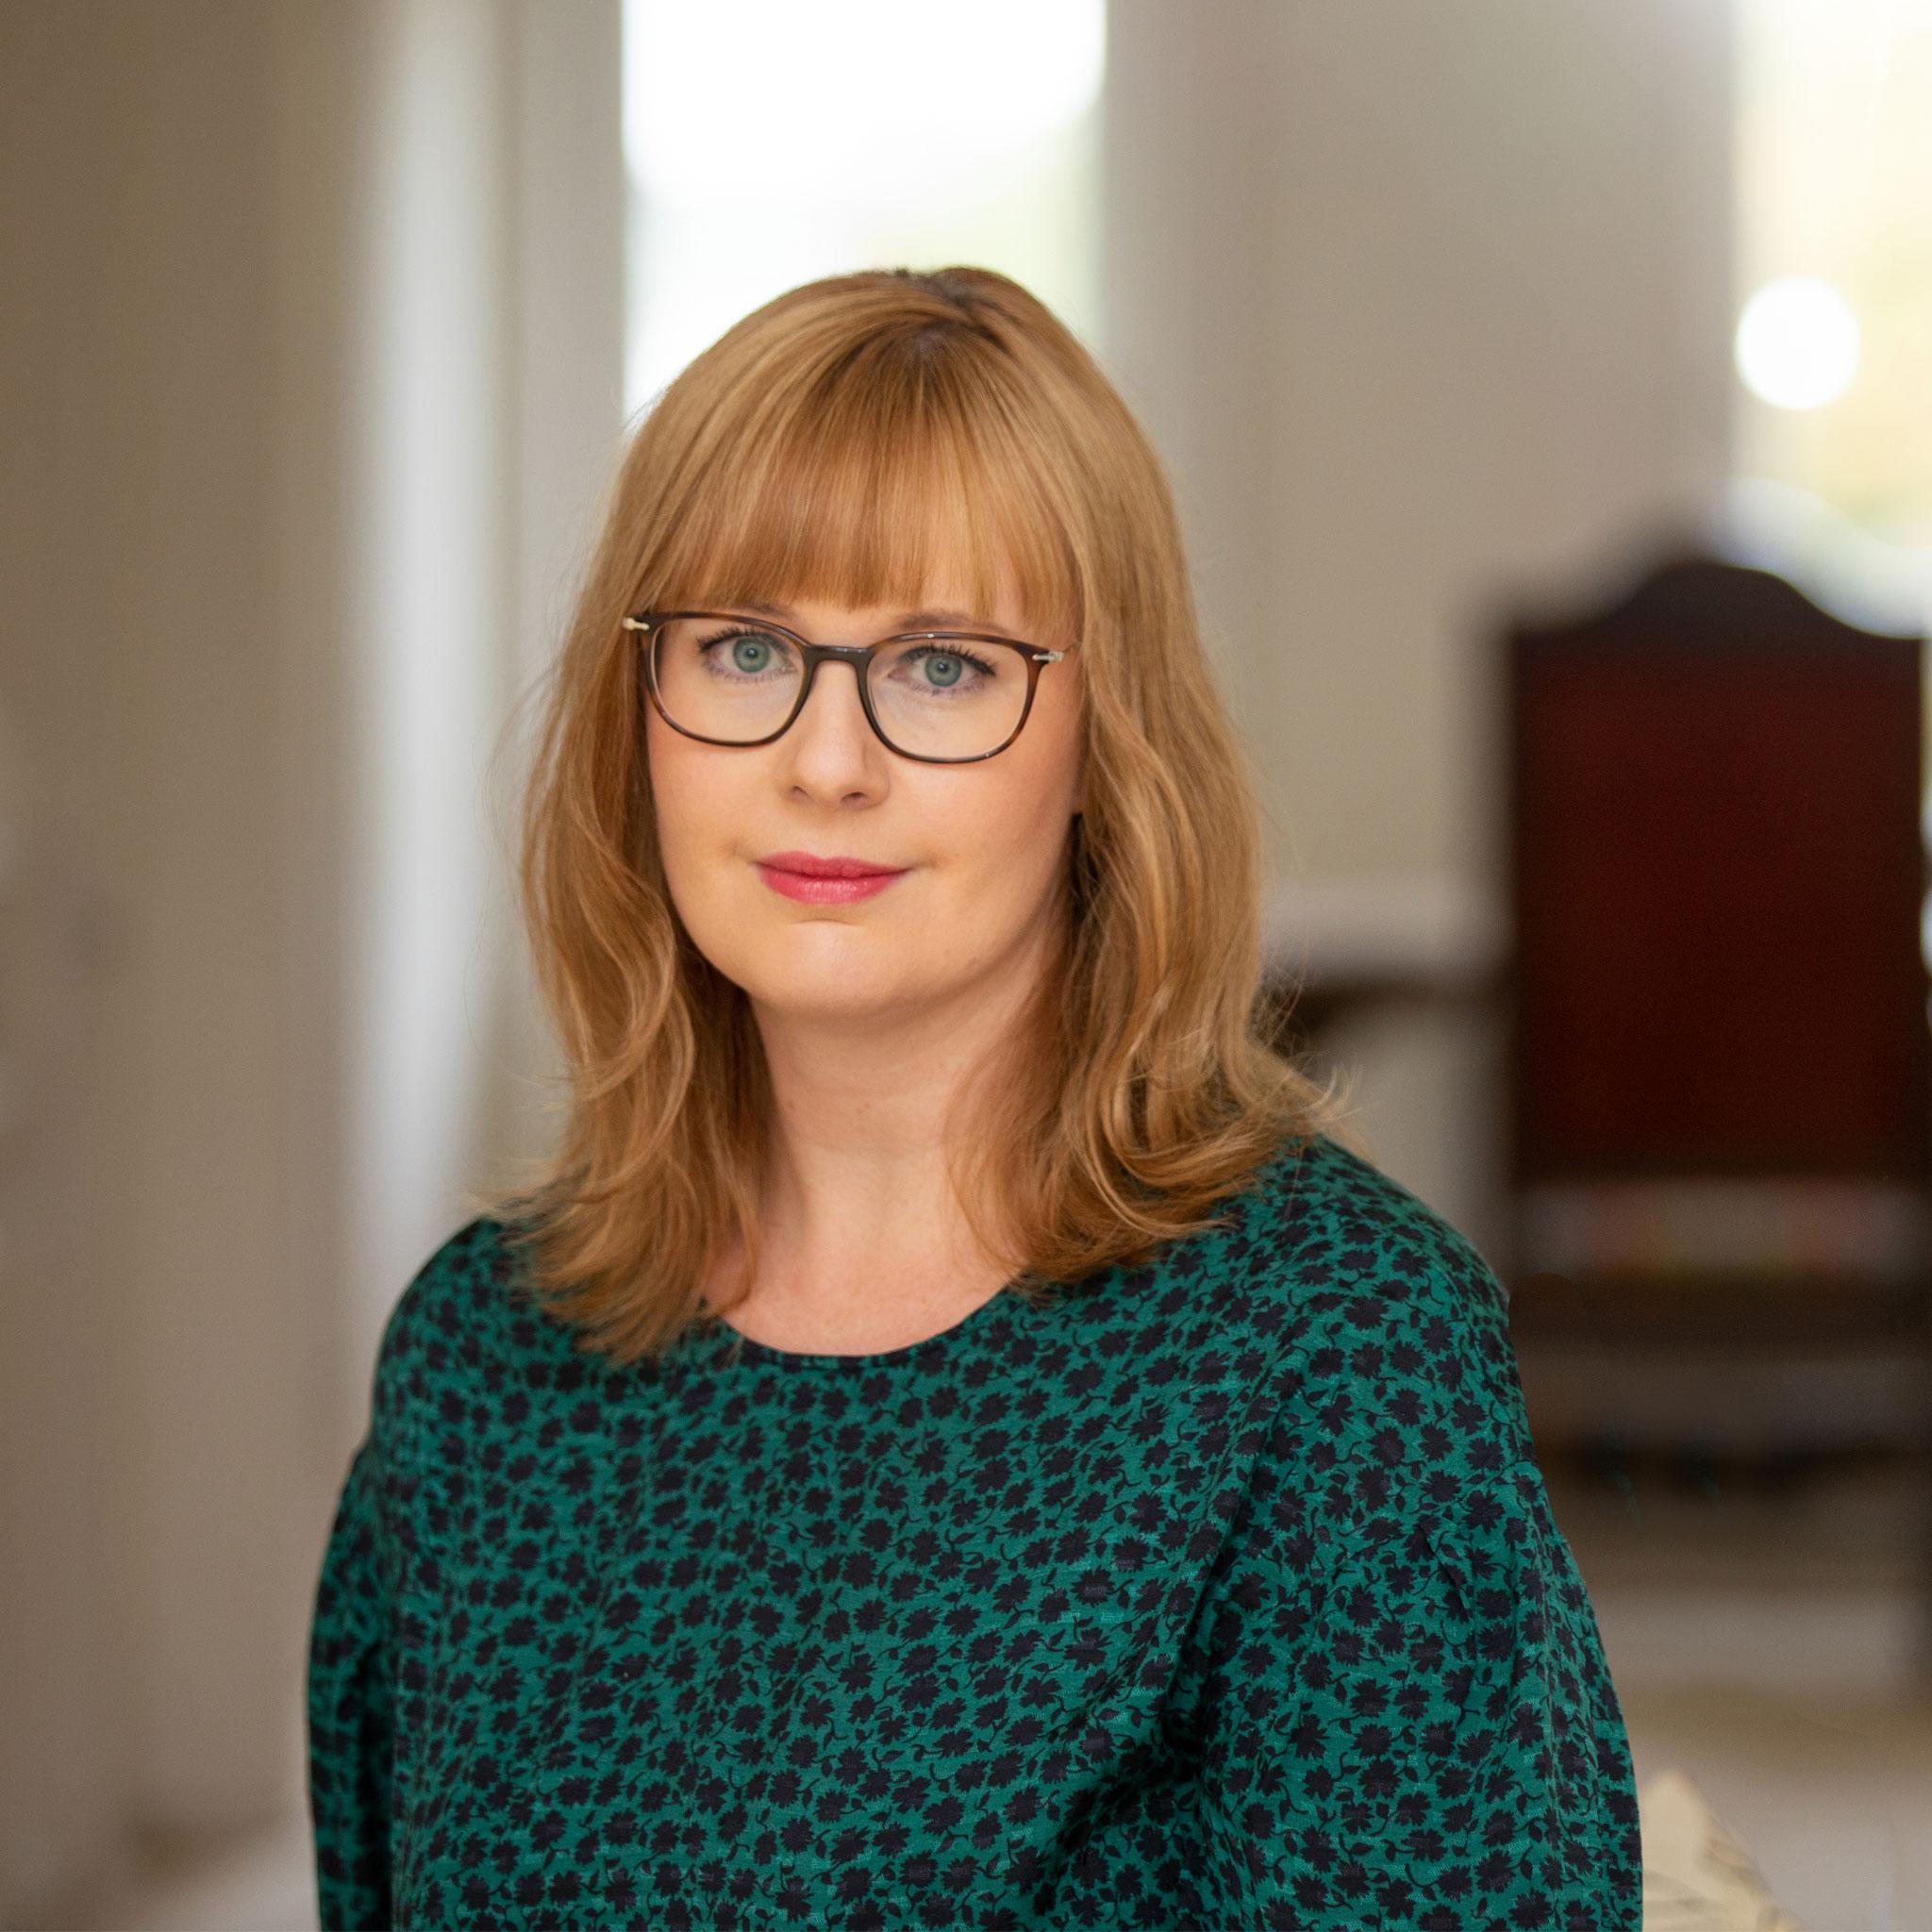 Portrait von Jennifer